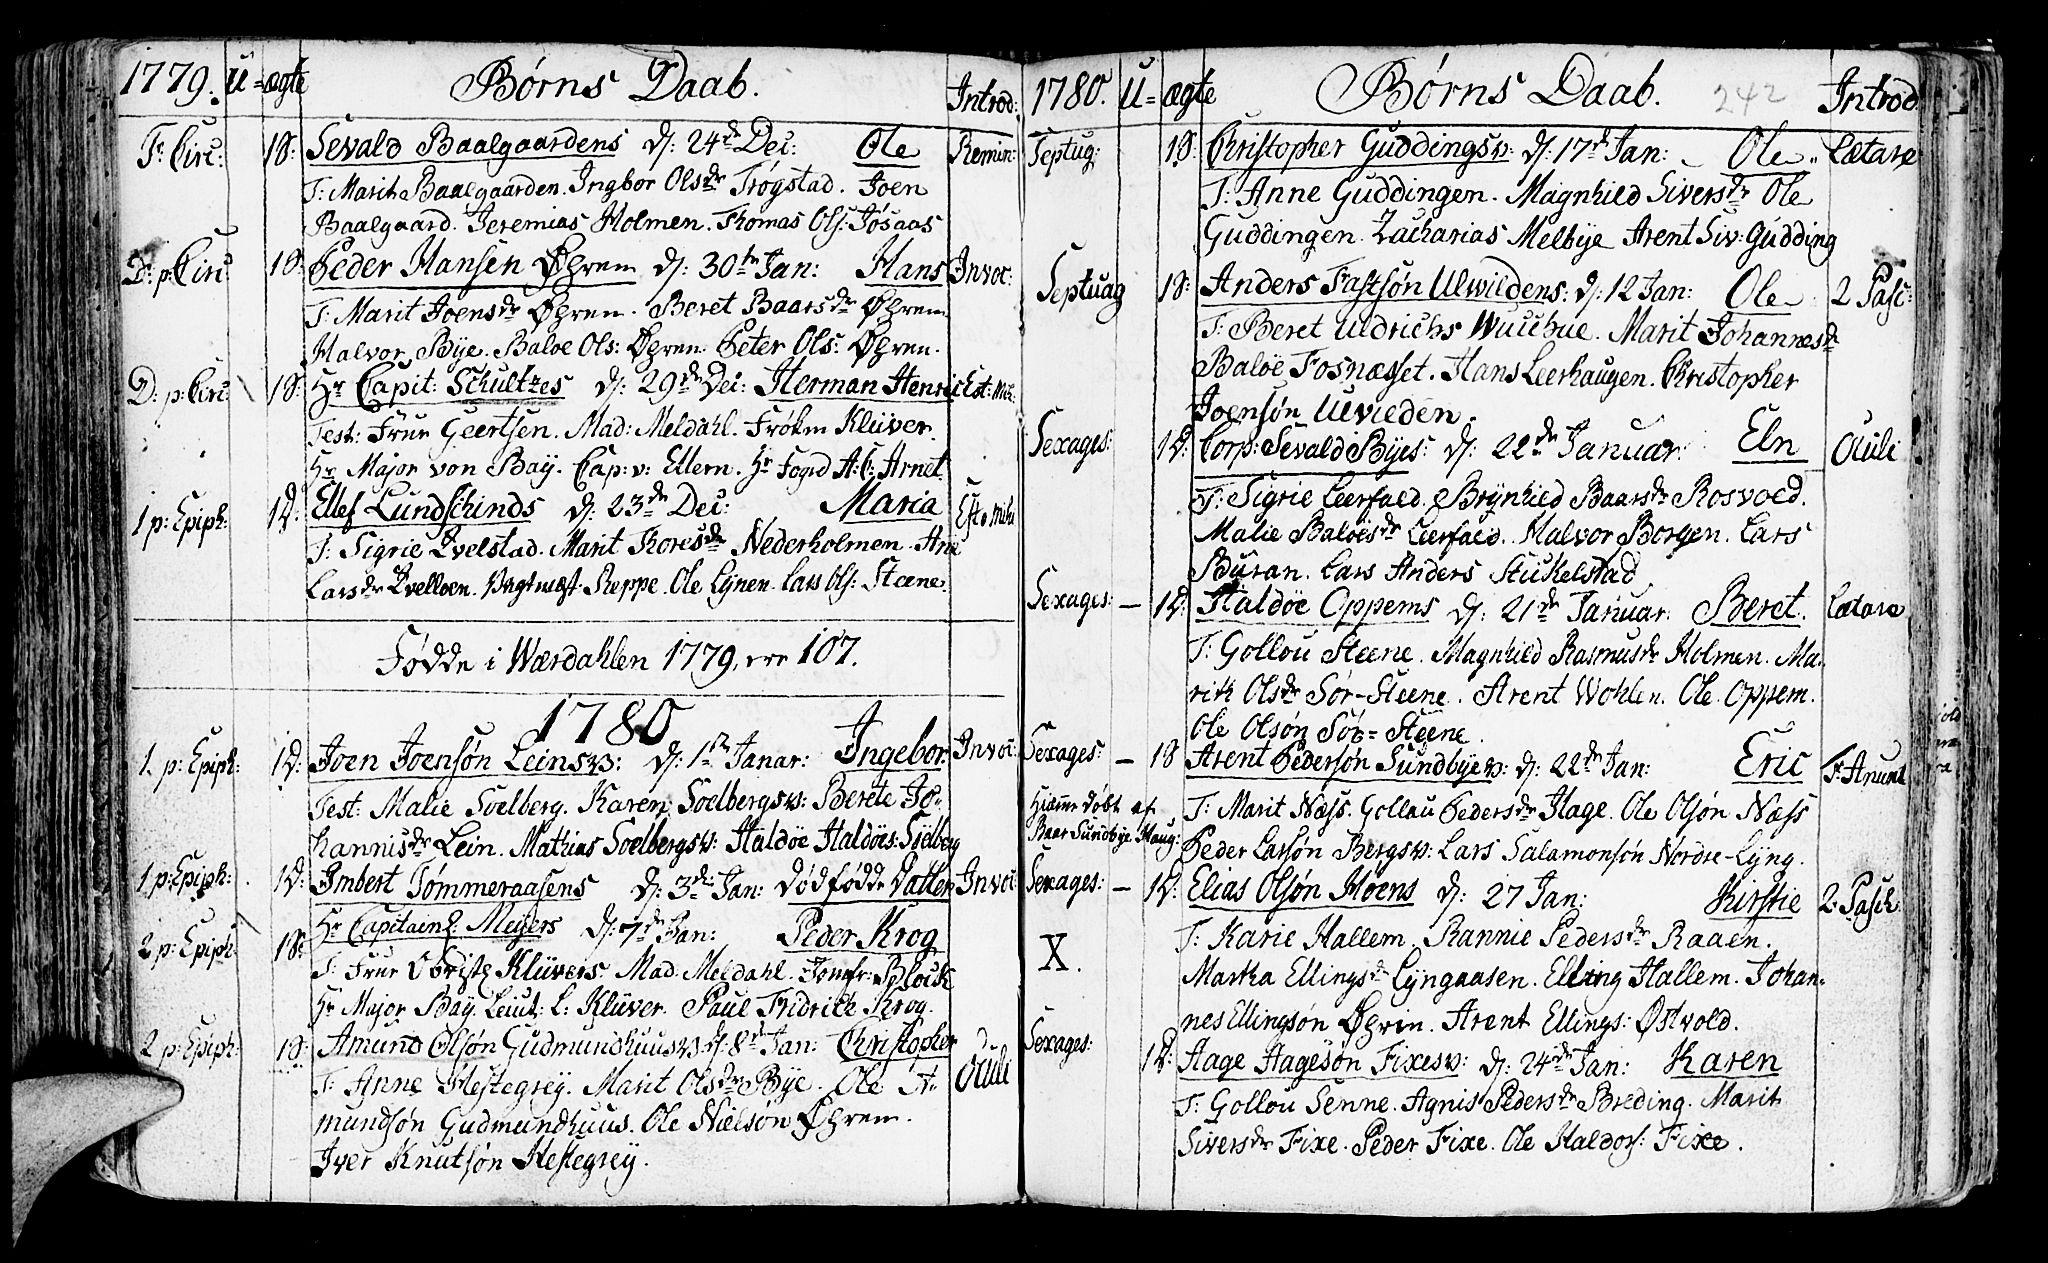 SAT, Ministerialprotokoller, klokkerbøker og fødselsregistre - Nord-Trøndelag, 723/L0231: Ministerialbok nr. 723A02, 1748-1780, s. 242